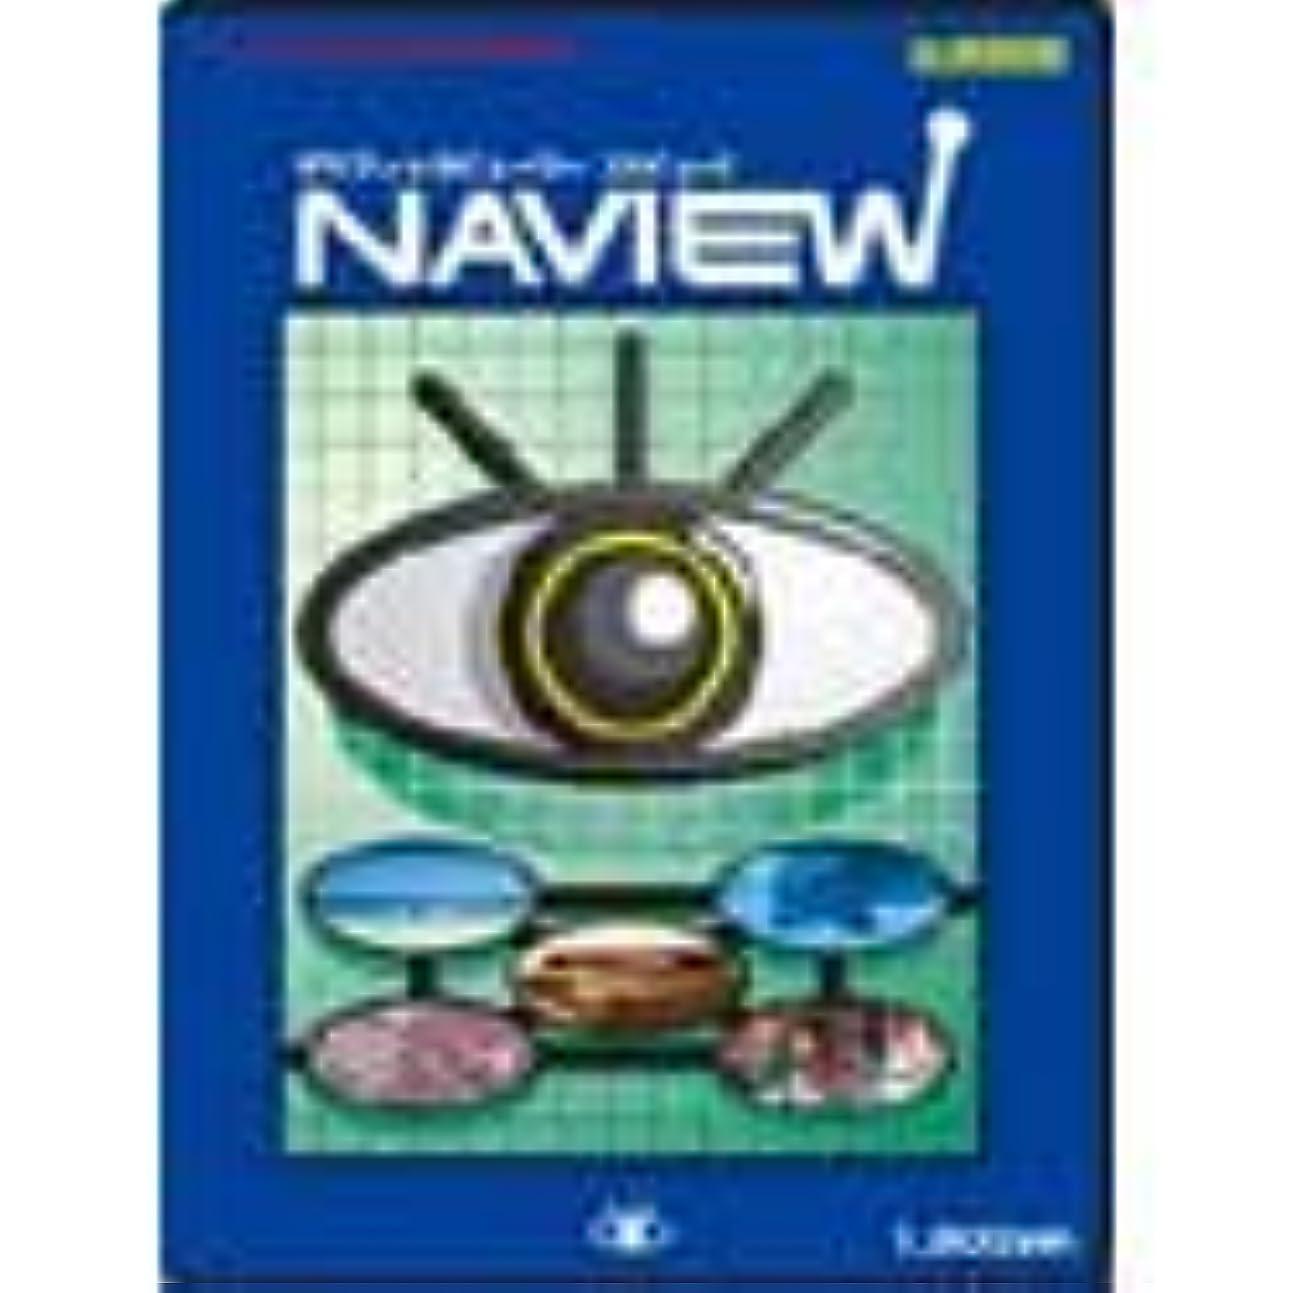 爆風雑種マウスピースPower AP 1800 Series Naview